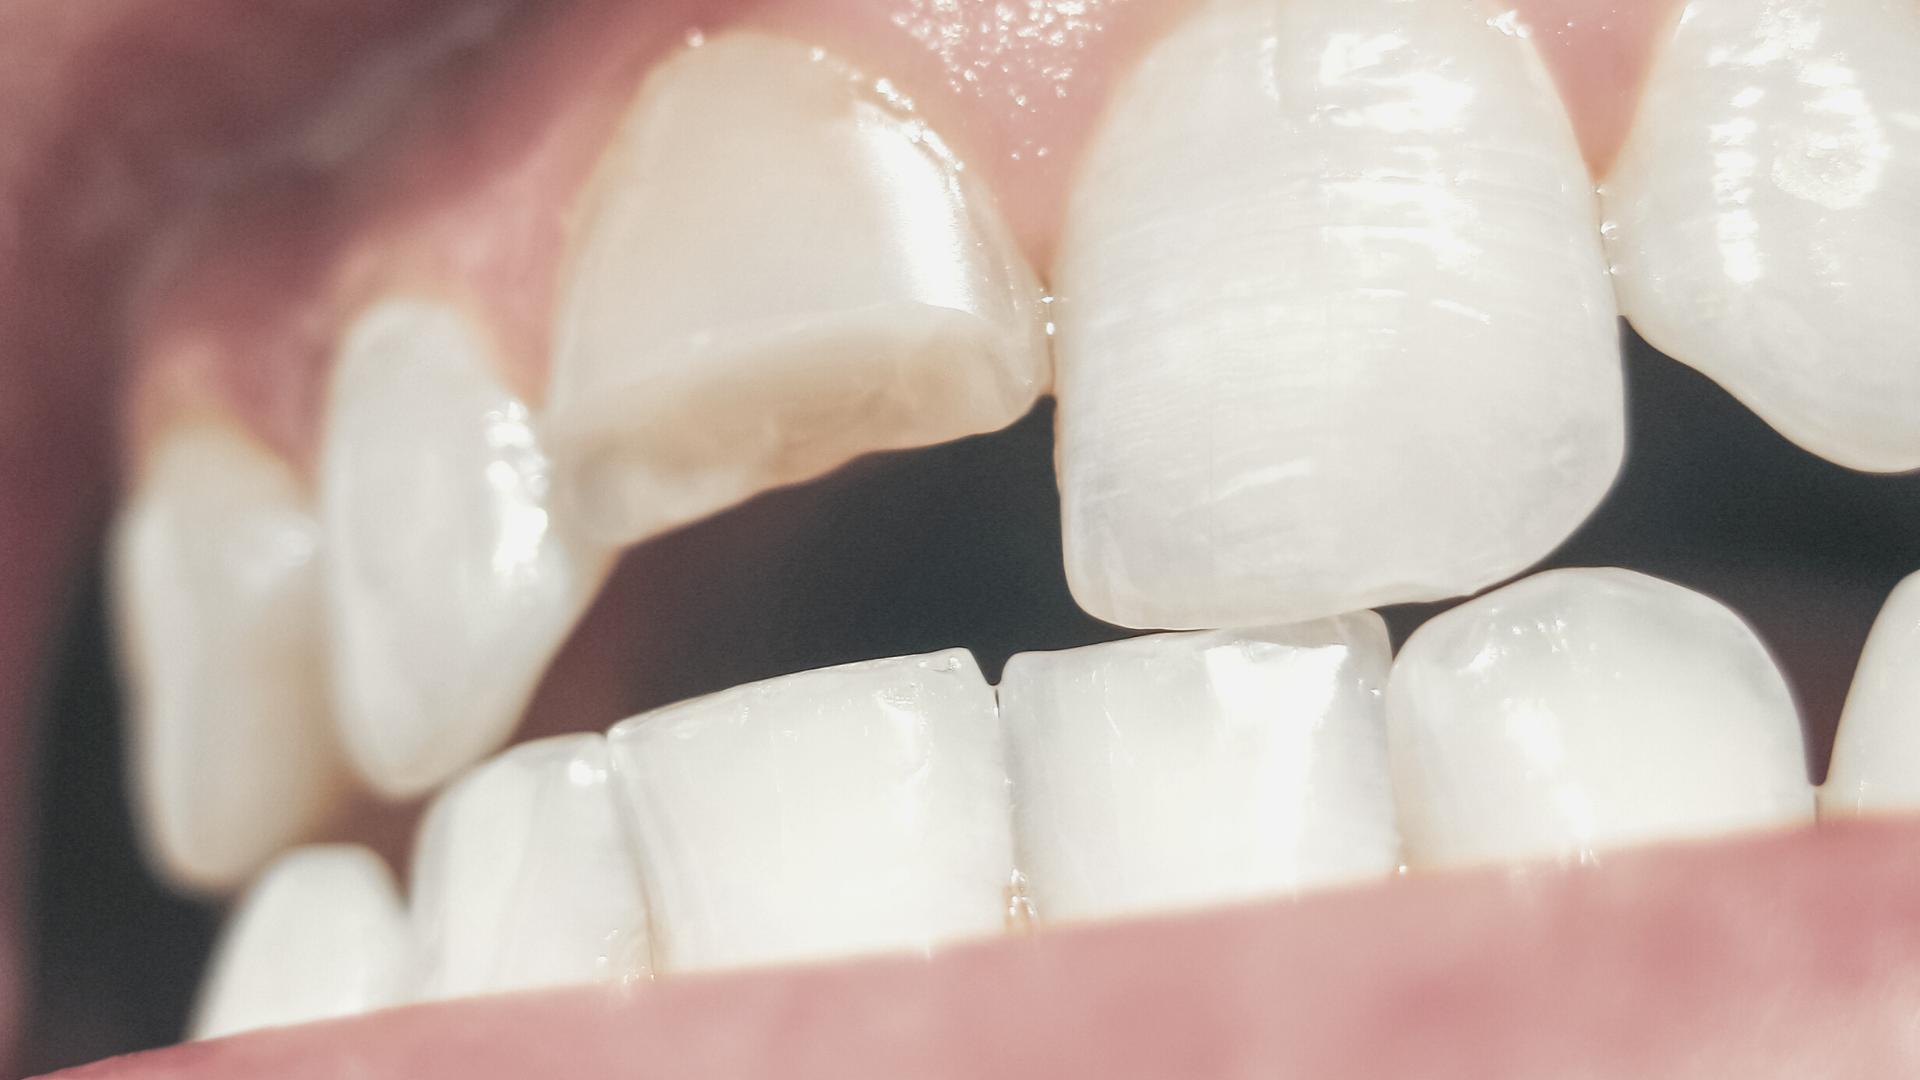 Fractura dental: qué es, tipos y cómo tratarla